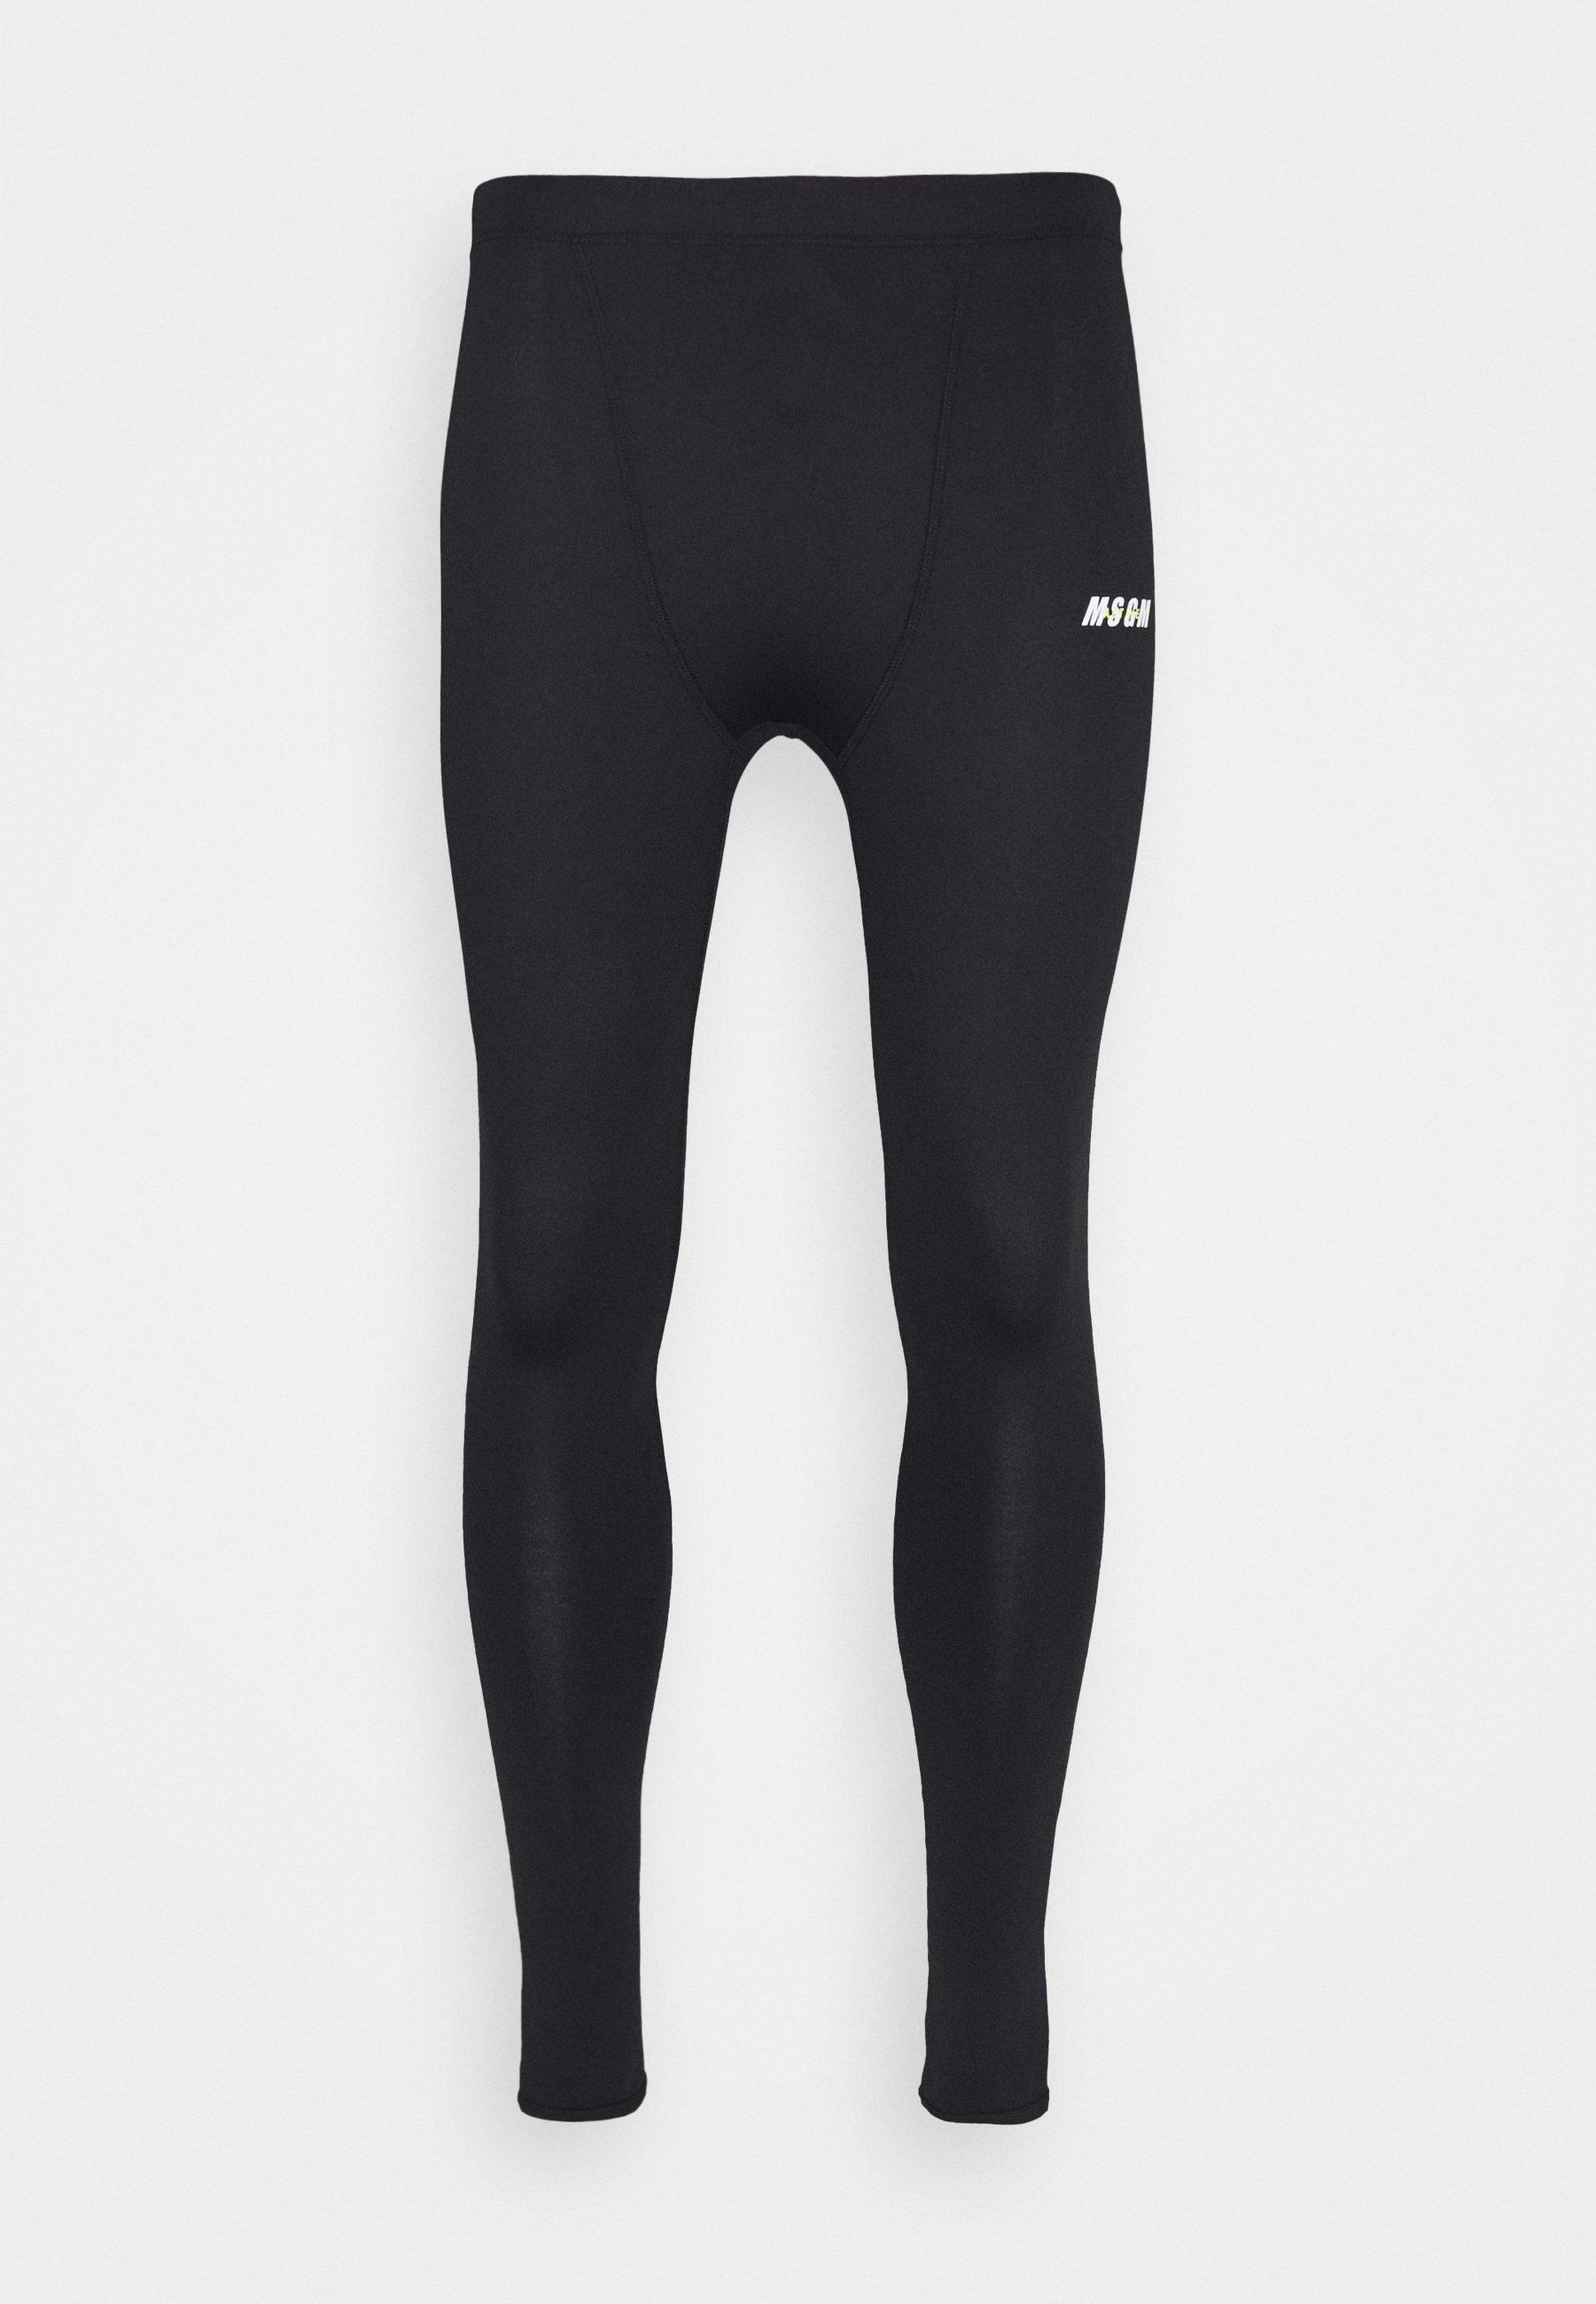 Men PANTALONE PANTS - Leggings